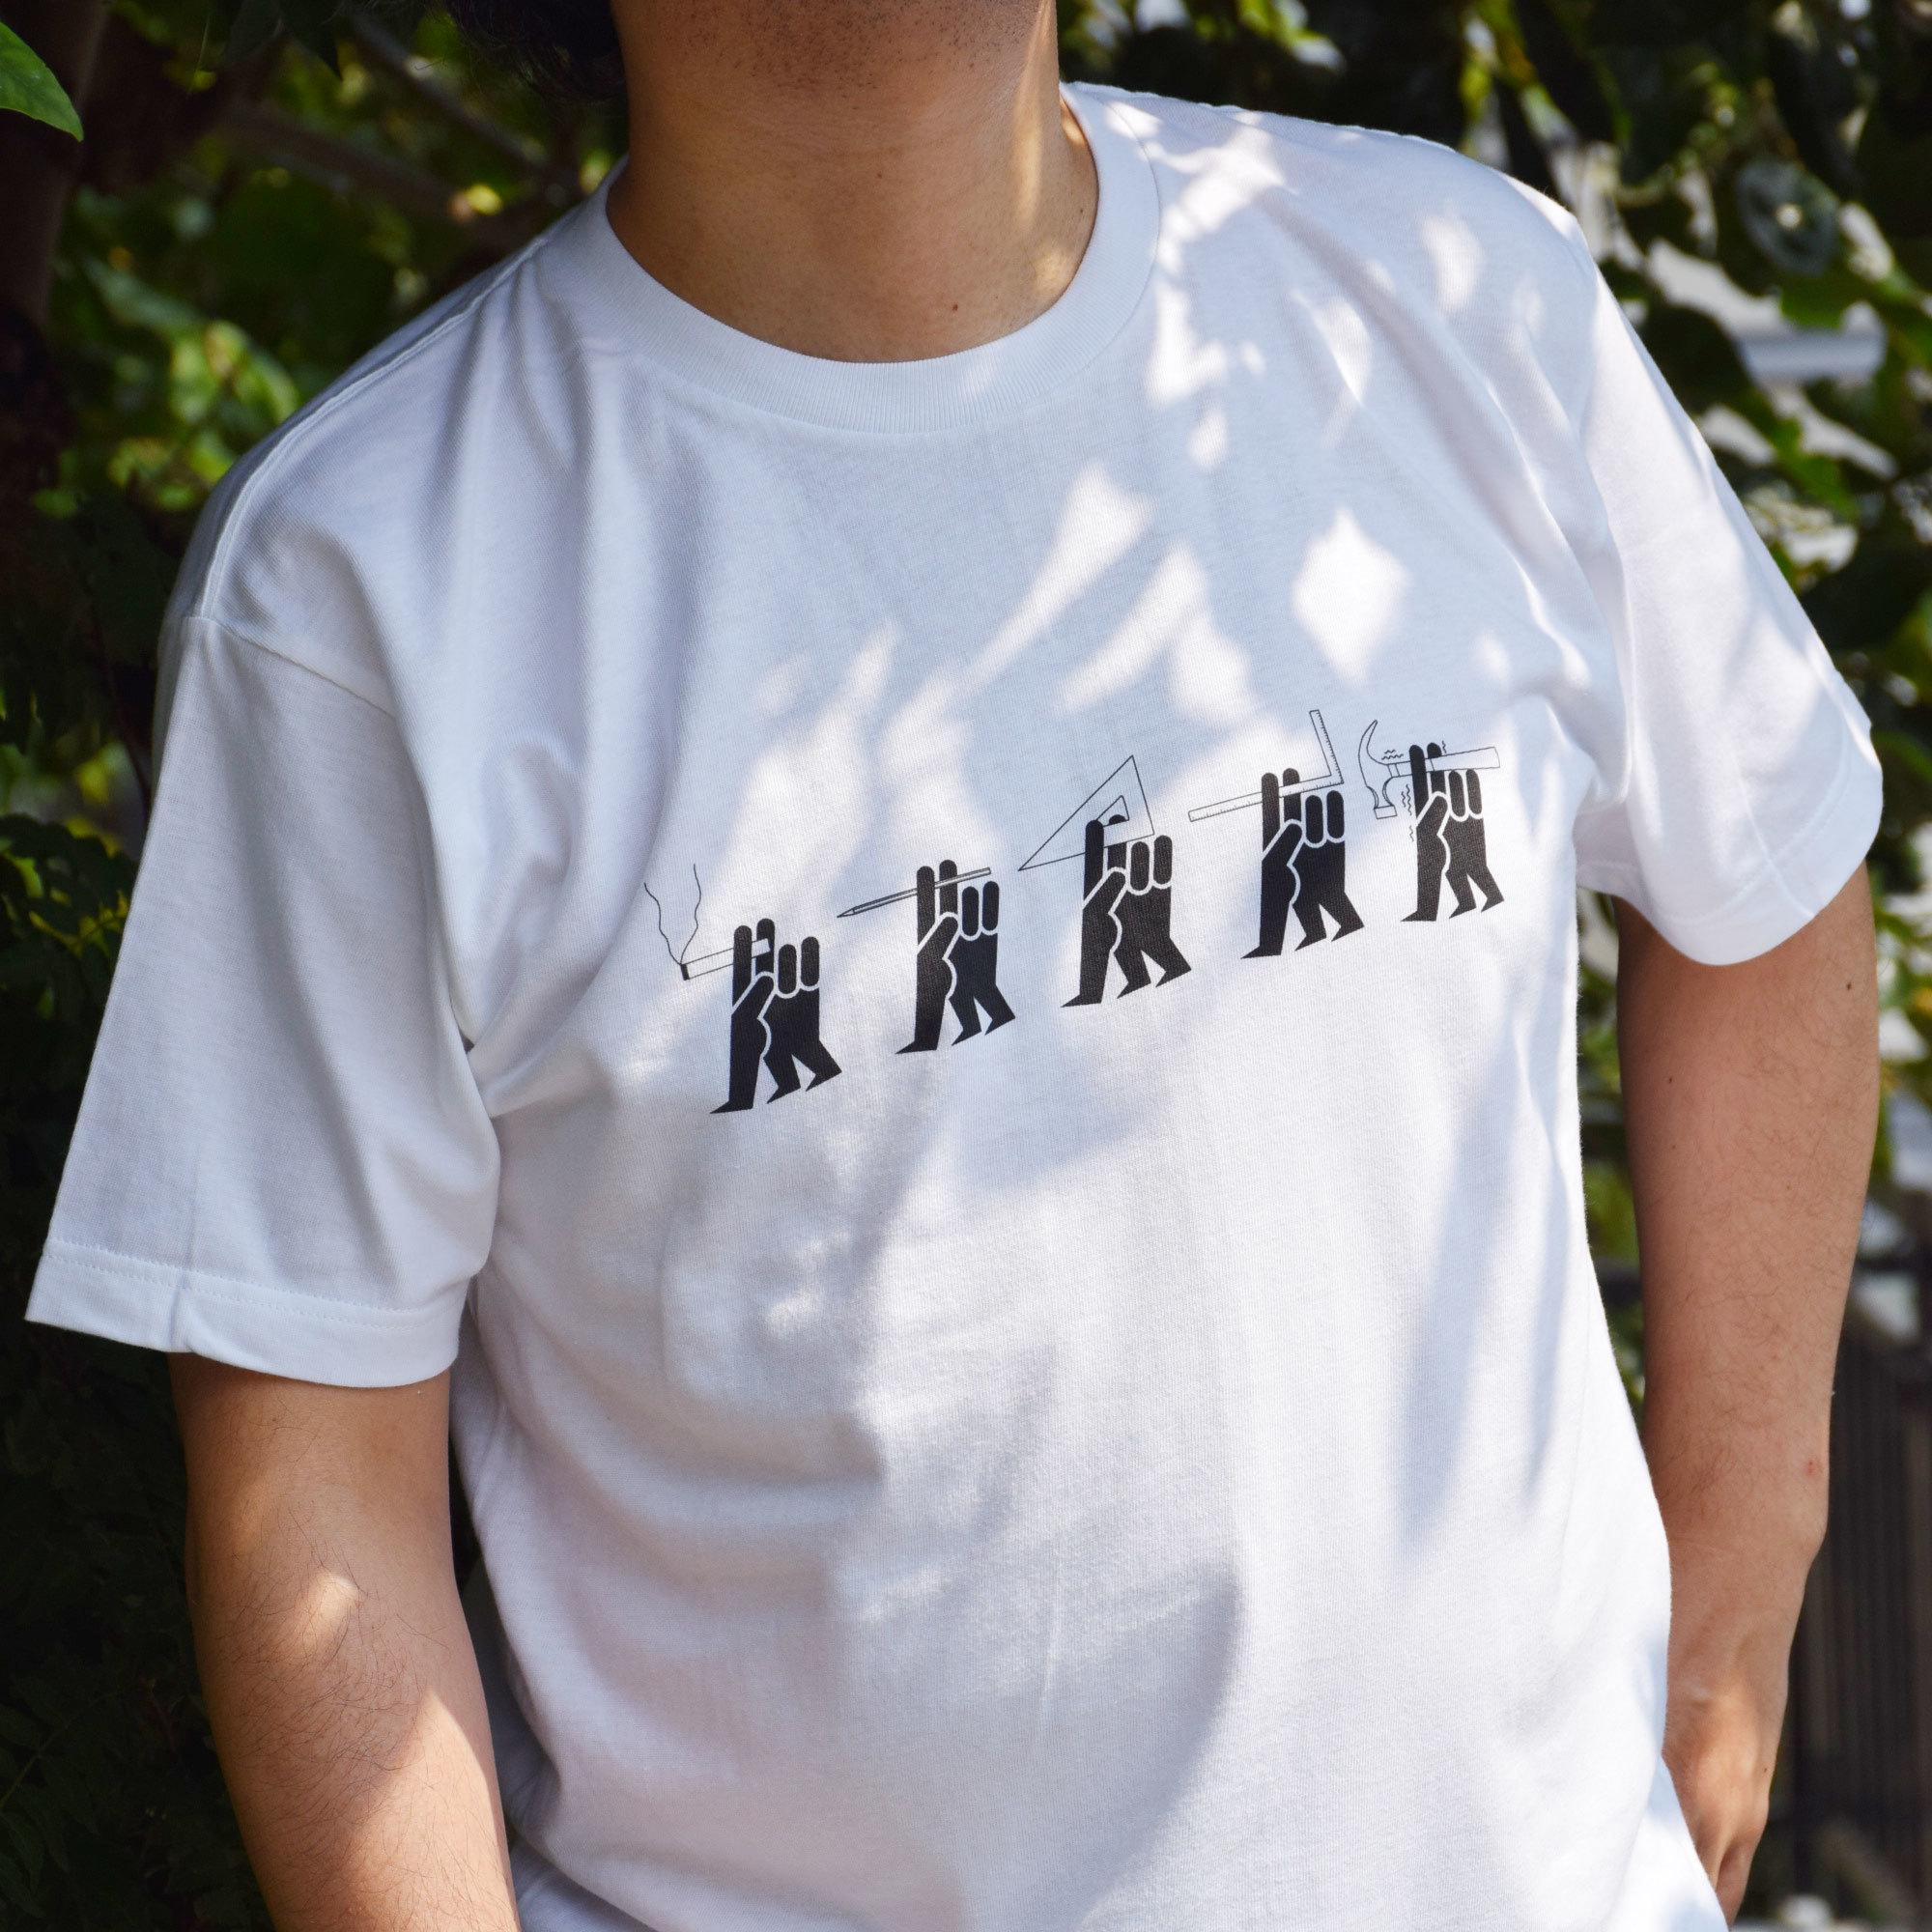 現場へGO! Tシャツ - 【Men's】